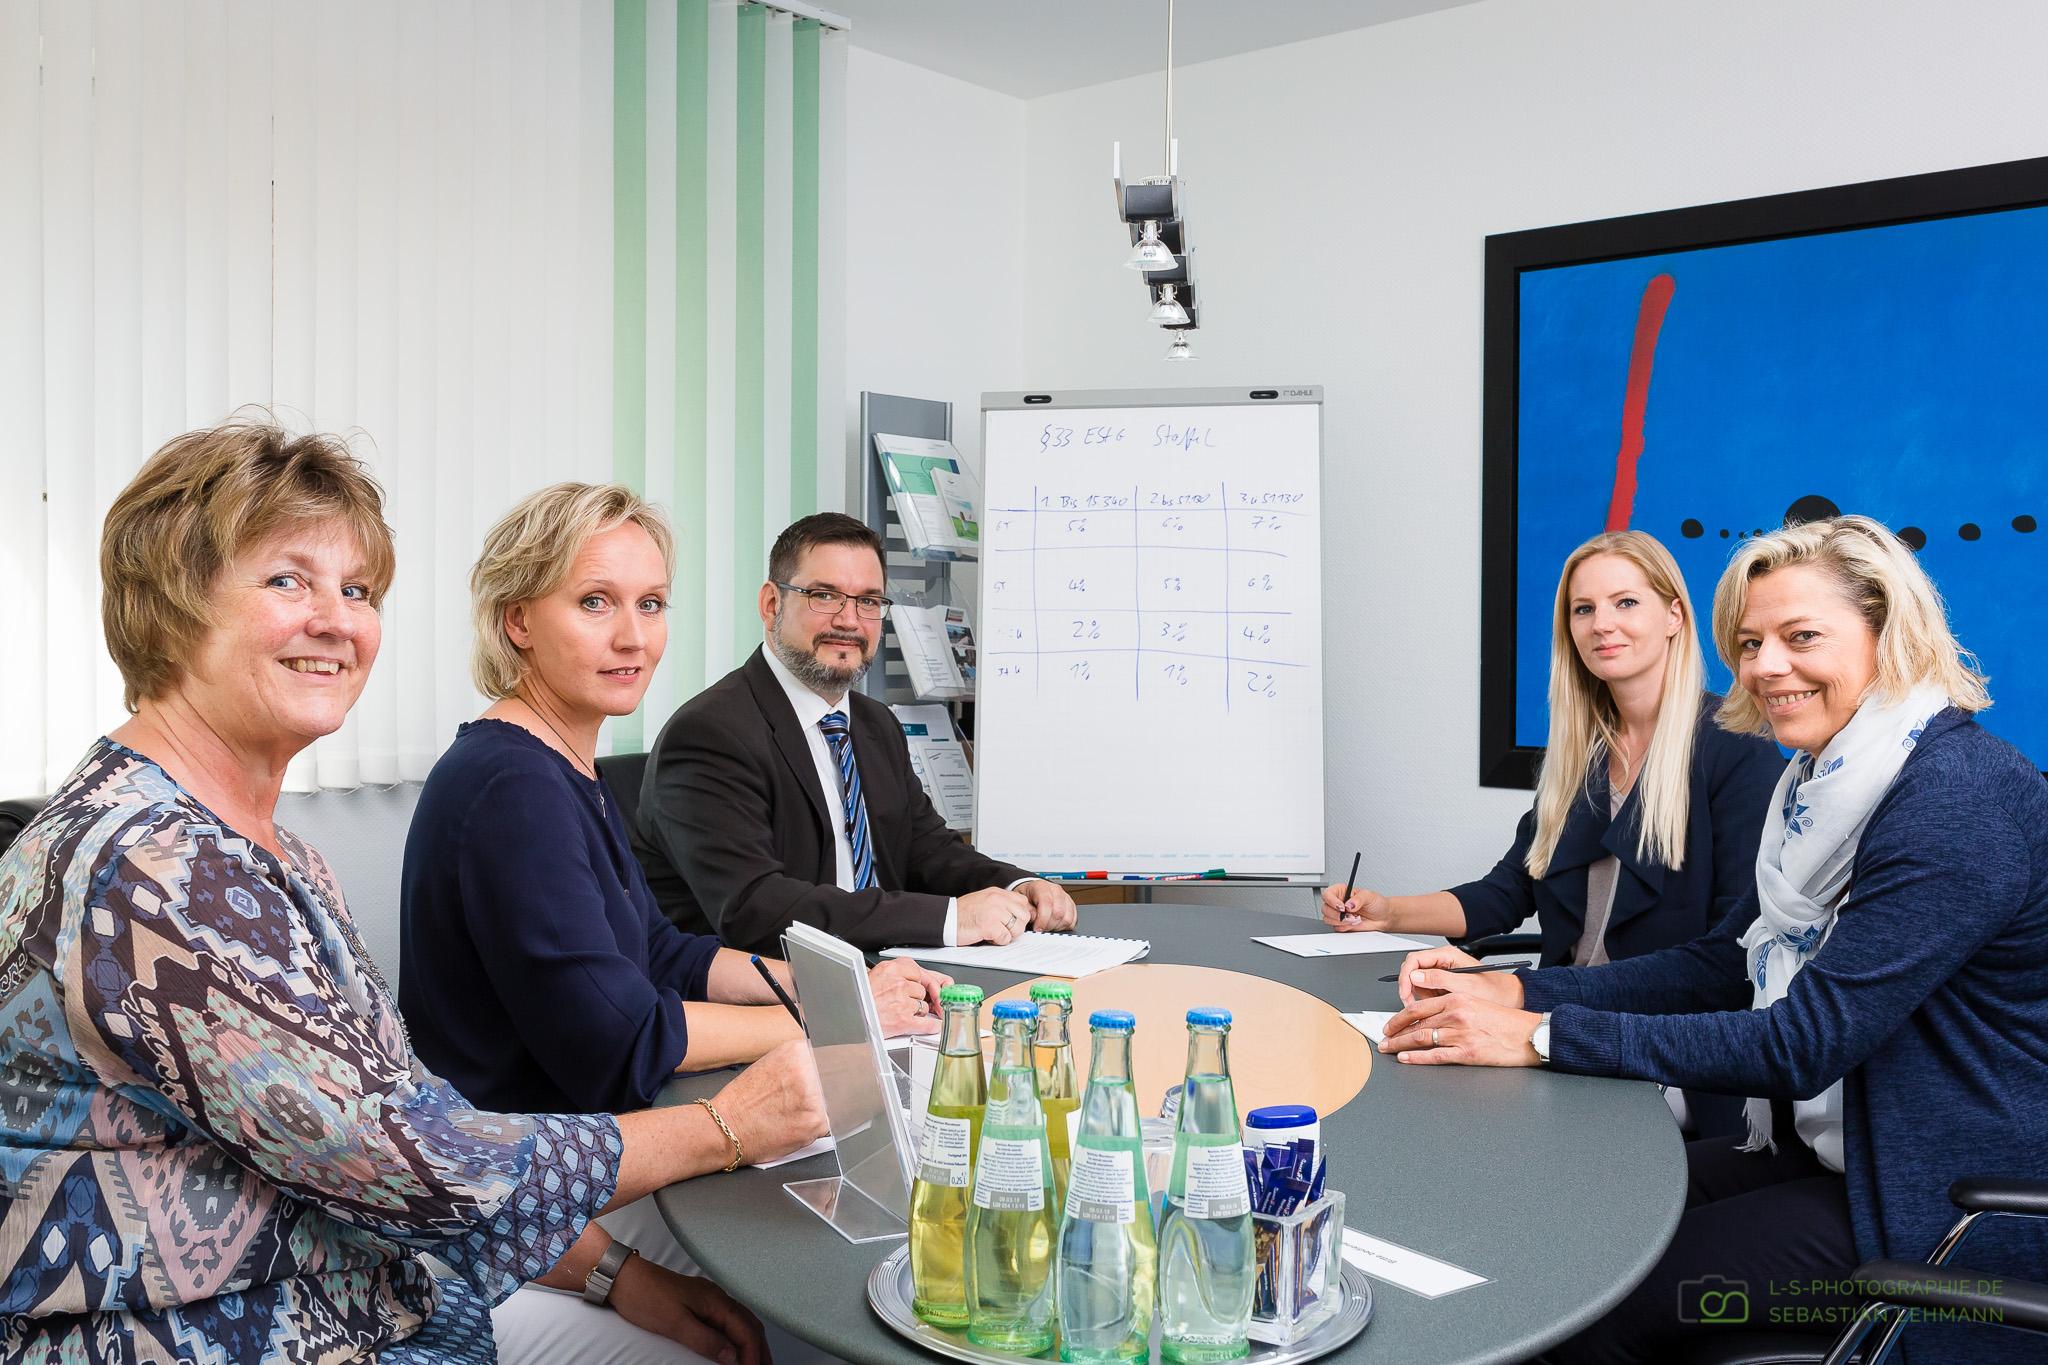 Fotograf-Düren-Unternehmensportrait-Wesseling